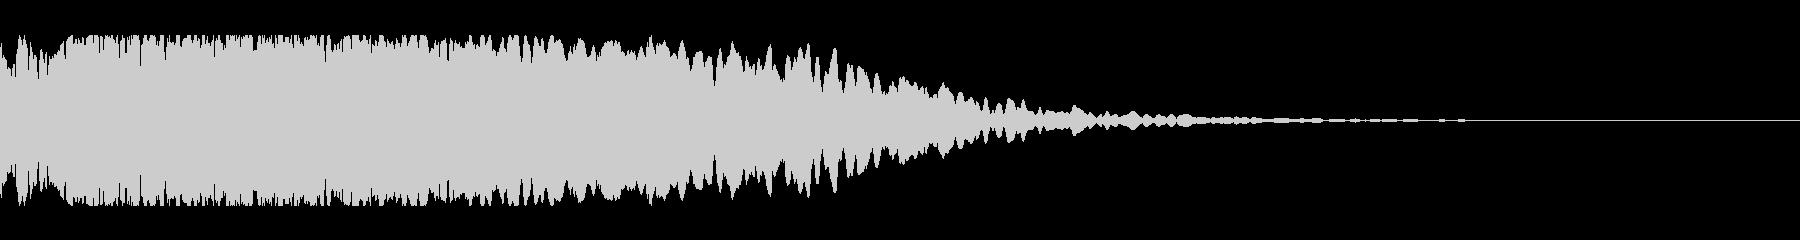 キュイーン・シャキーン(鋭い光線)の未再生の波形